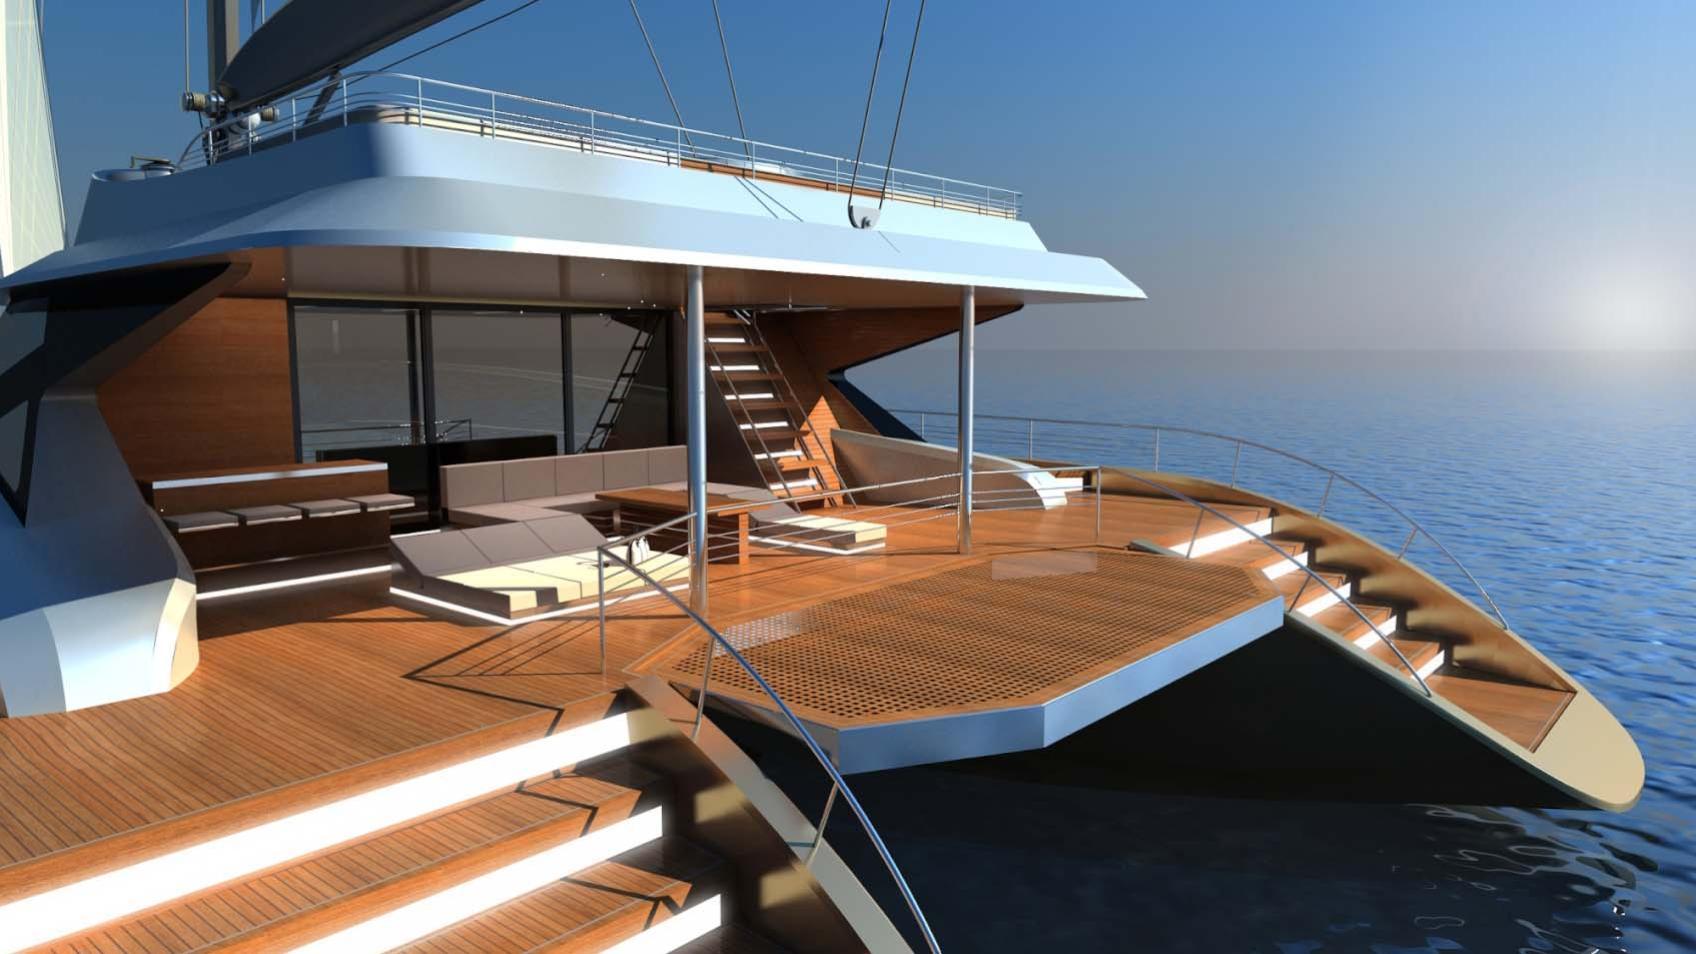 blue coast 88 cataraman yacht transom